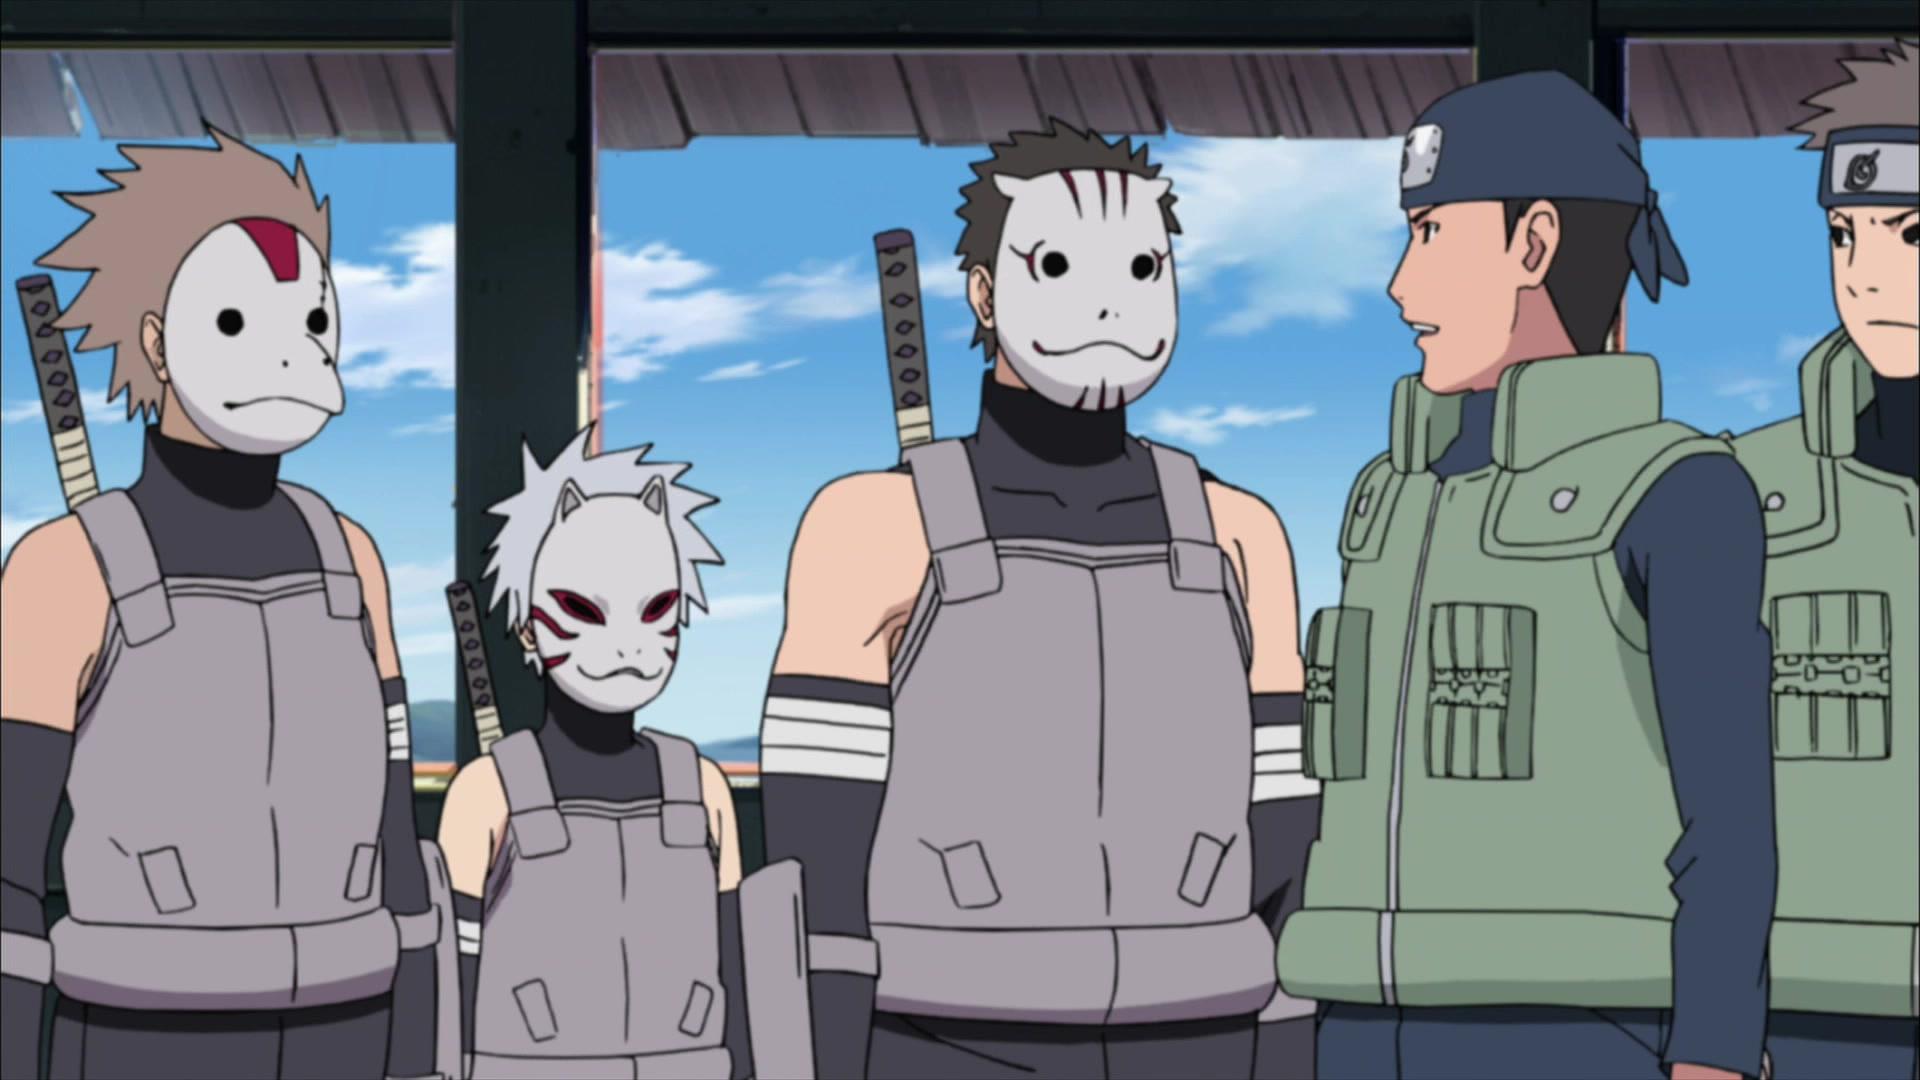 Naruto Shippuden - Staffeln 16-23 Folge 350, Kakashi: Shadow